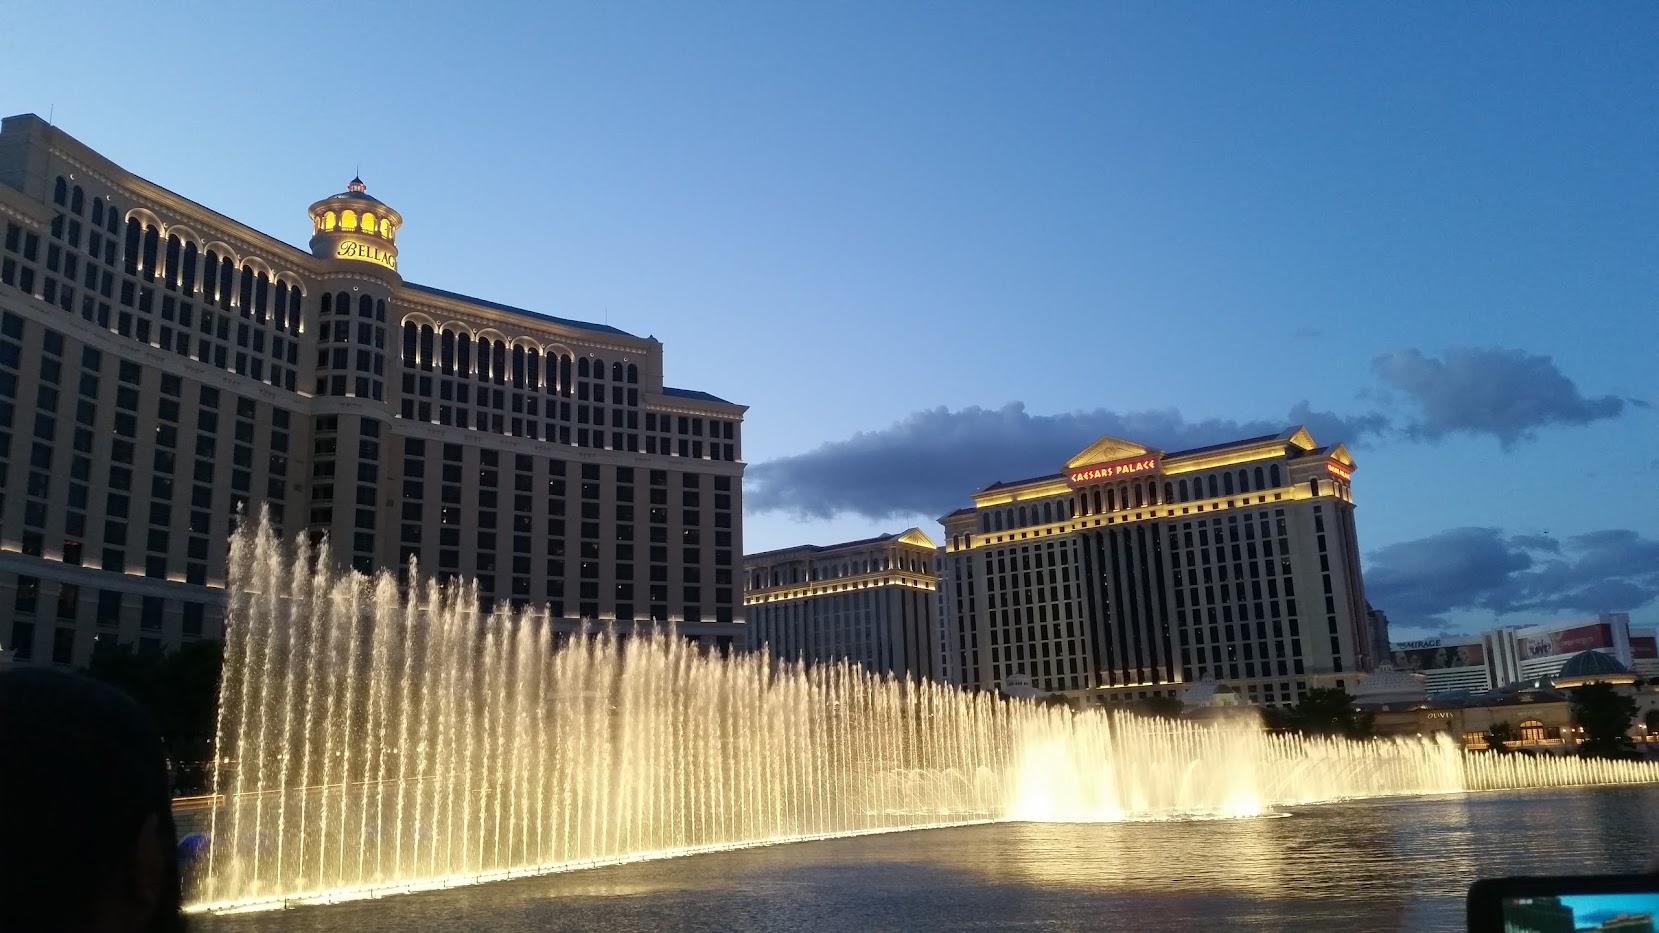 watershow Bellagio Las Vegas The Strip